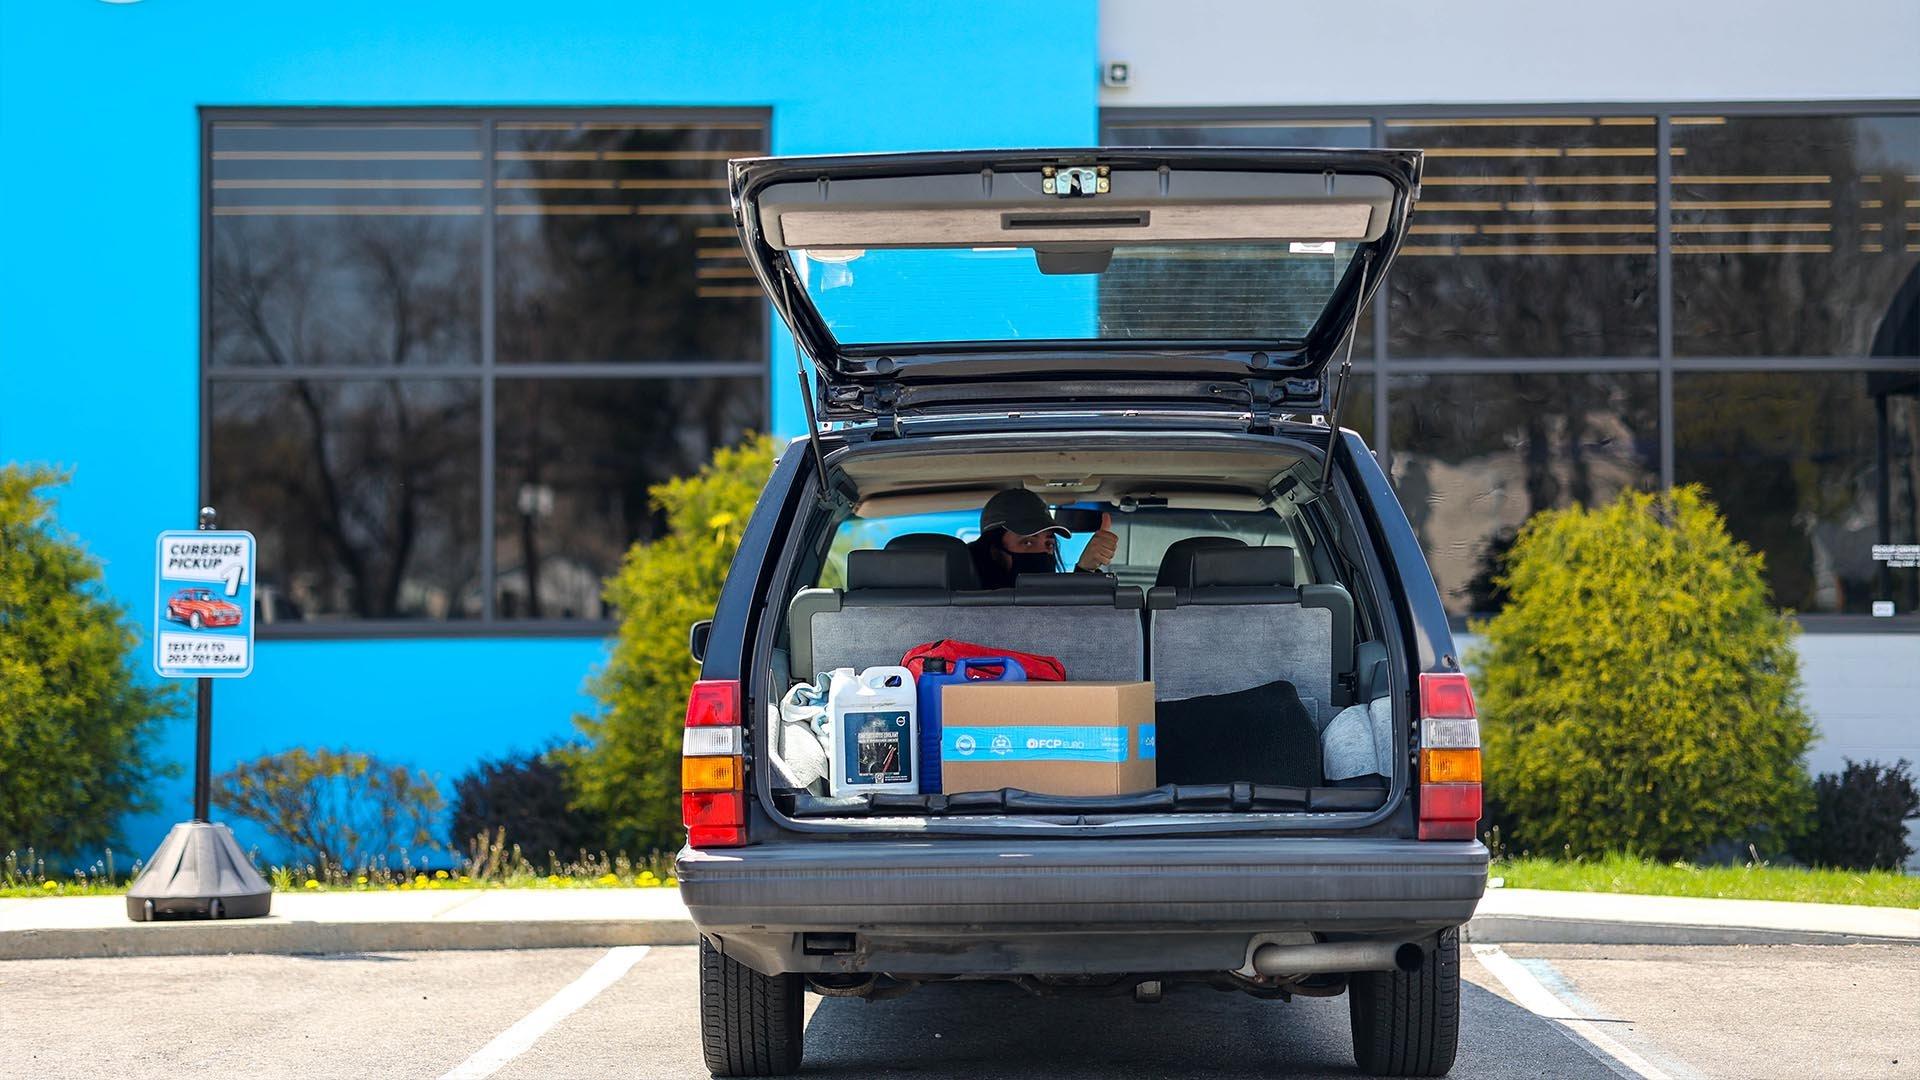 curbside-pickup-3